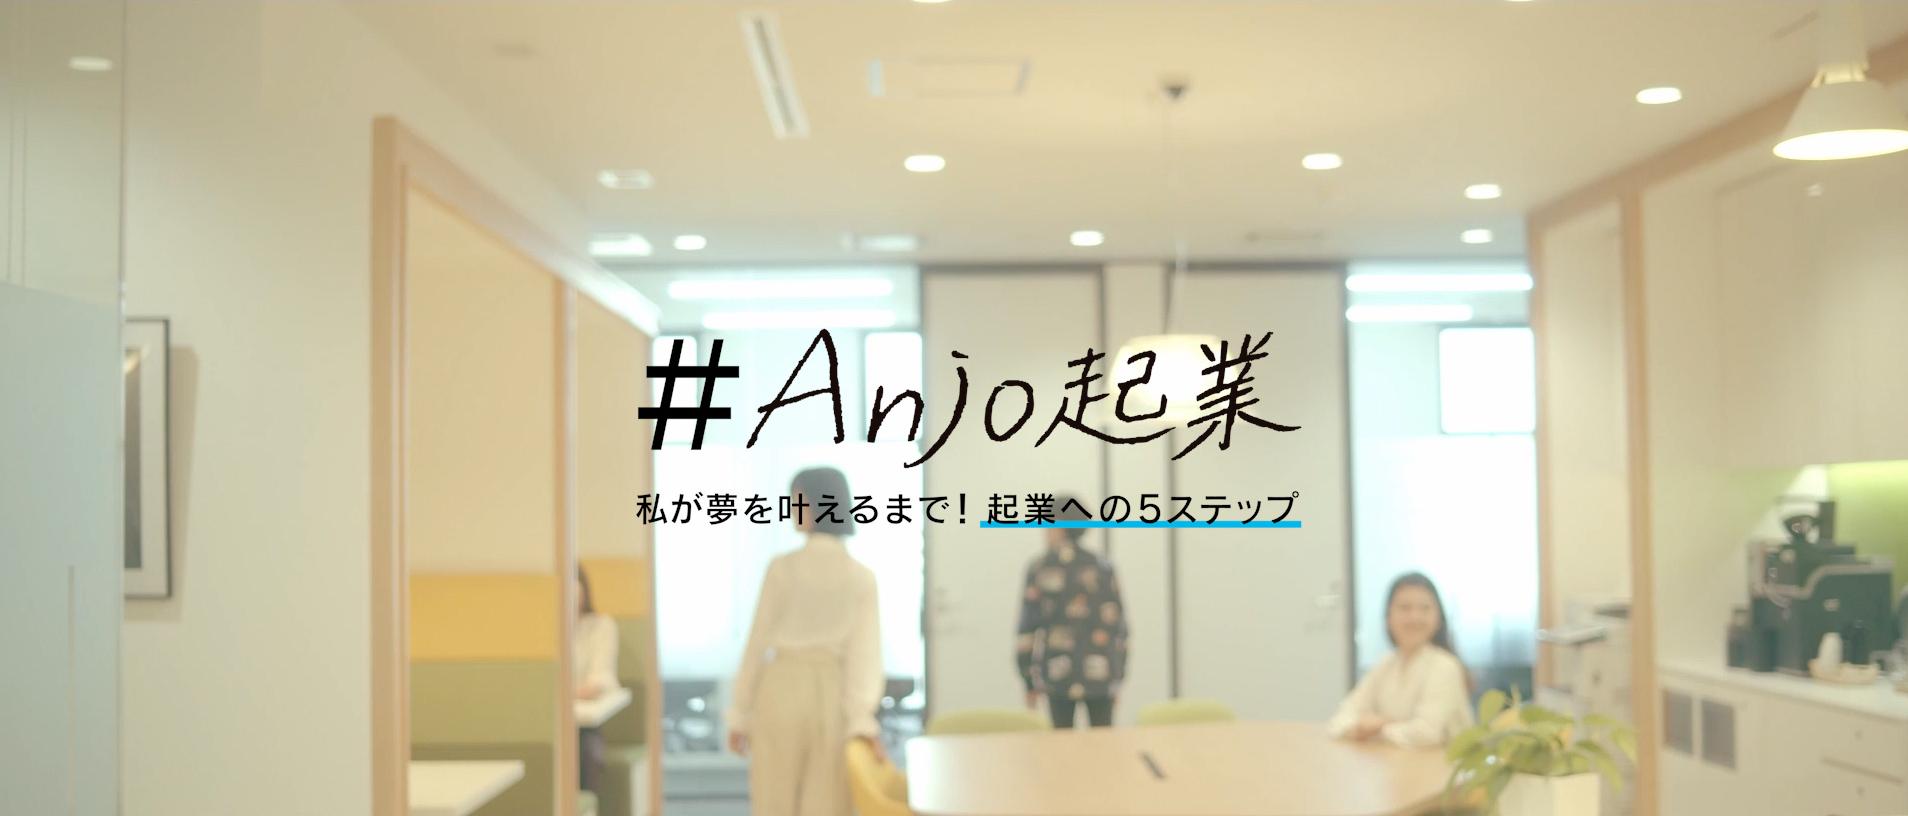 好きを仕事に!「#Anjo起業 私が夢を叶えるまで!起業への5ステップ」が公開!